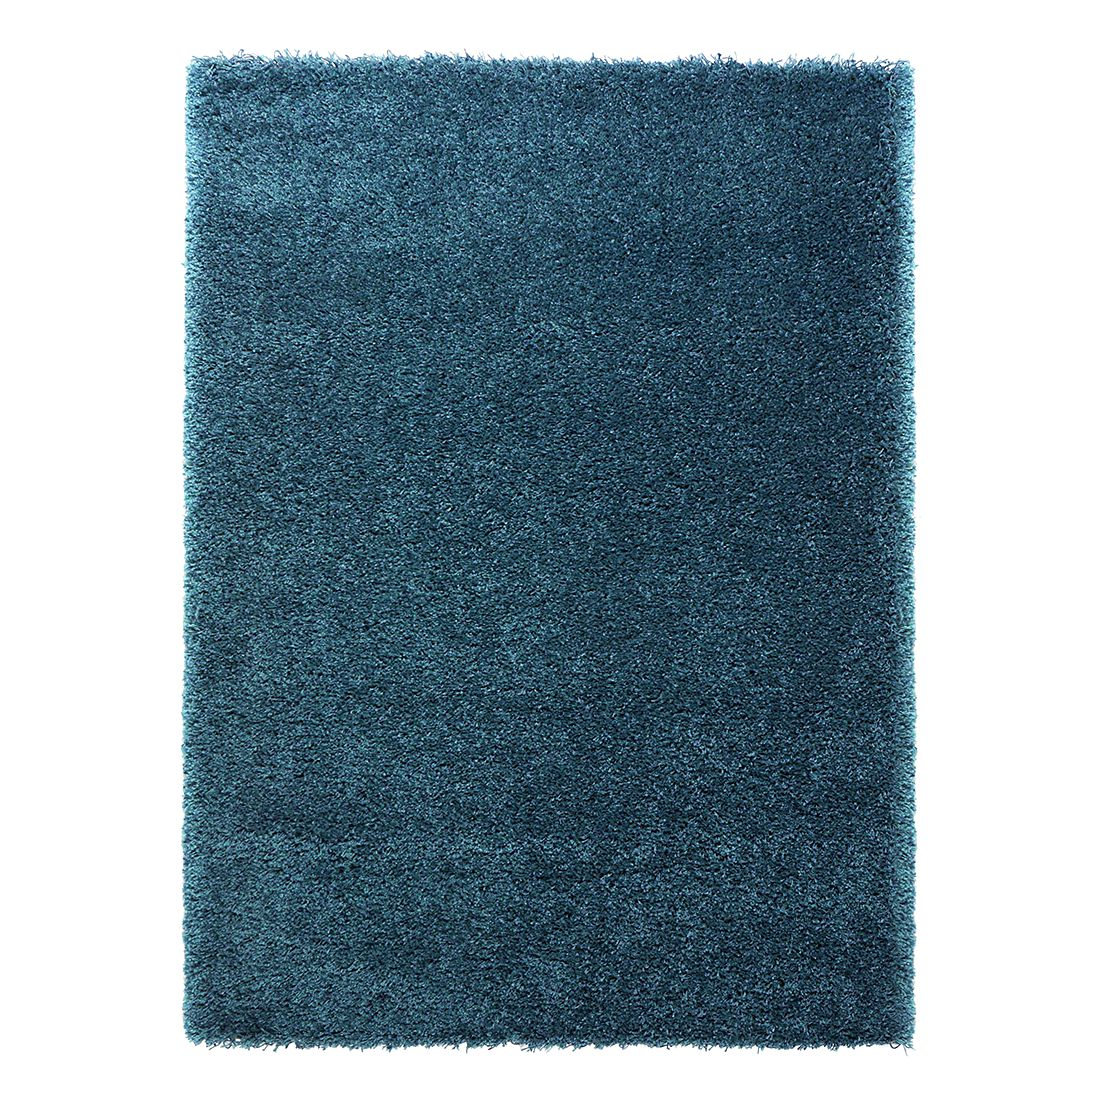 Hochflorteppich Coco – Blau – 240 x 340 cm, benuta günstig online kaufen